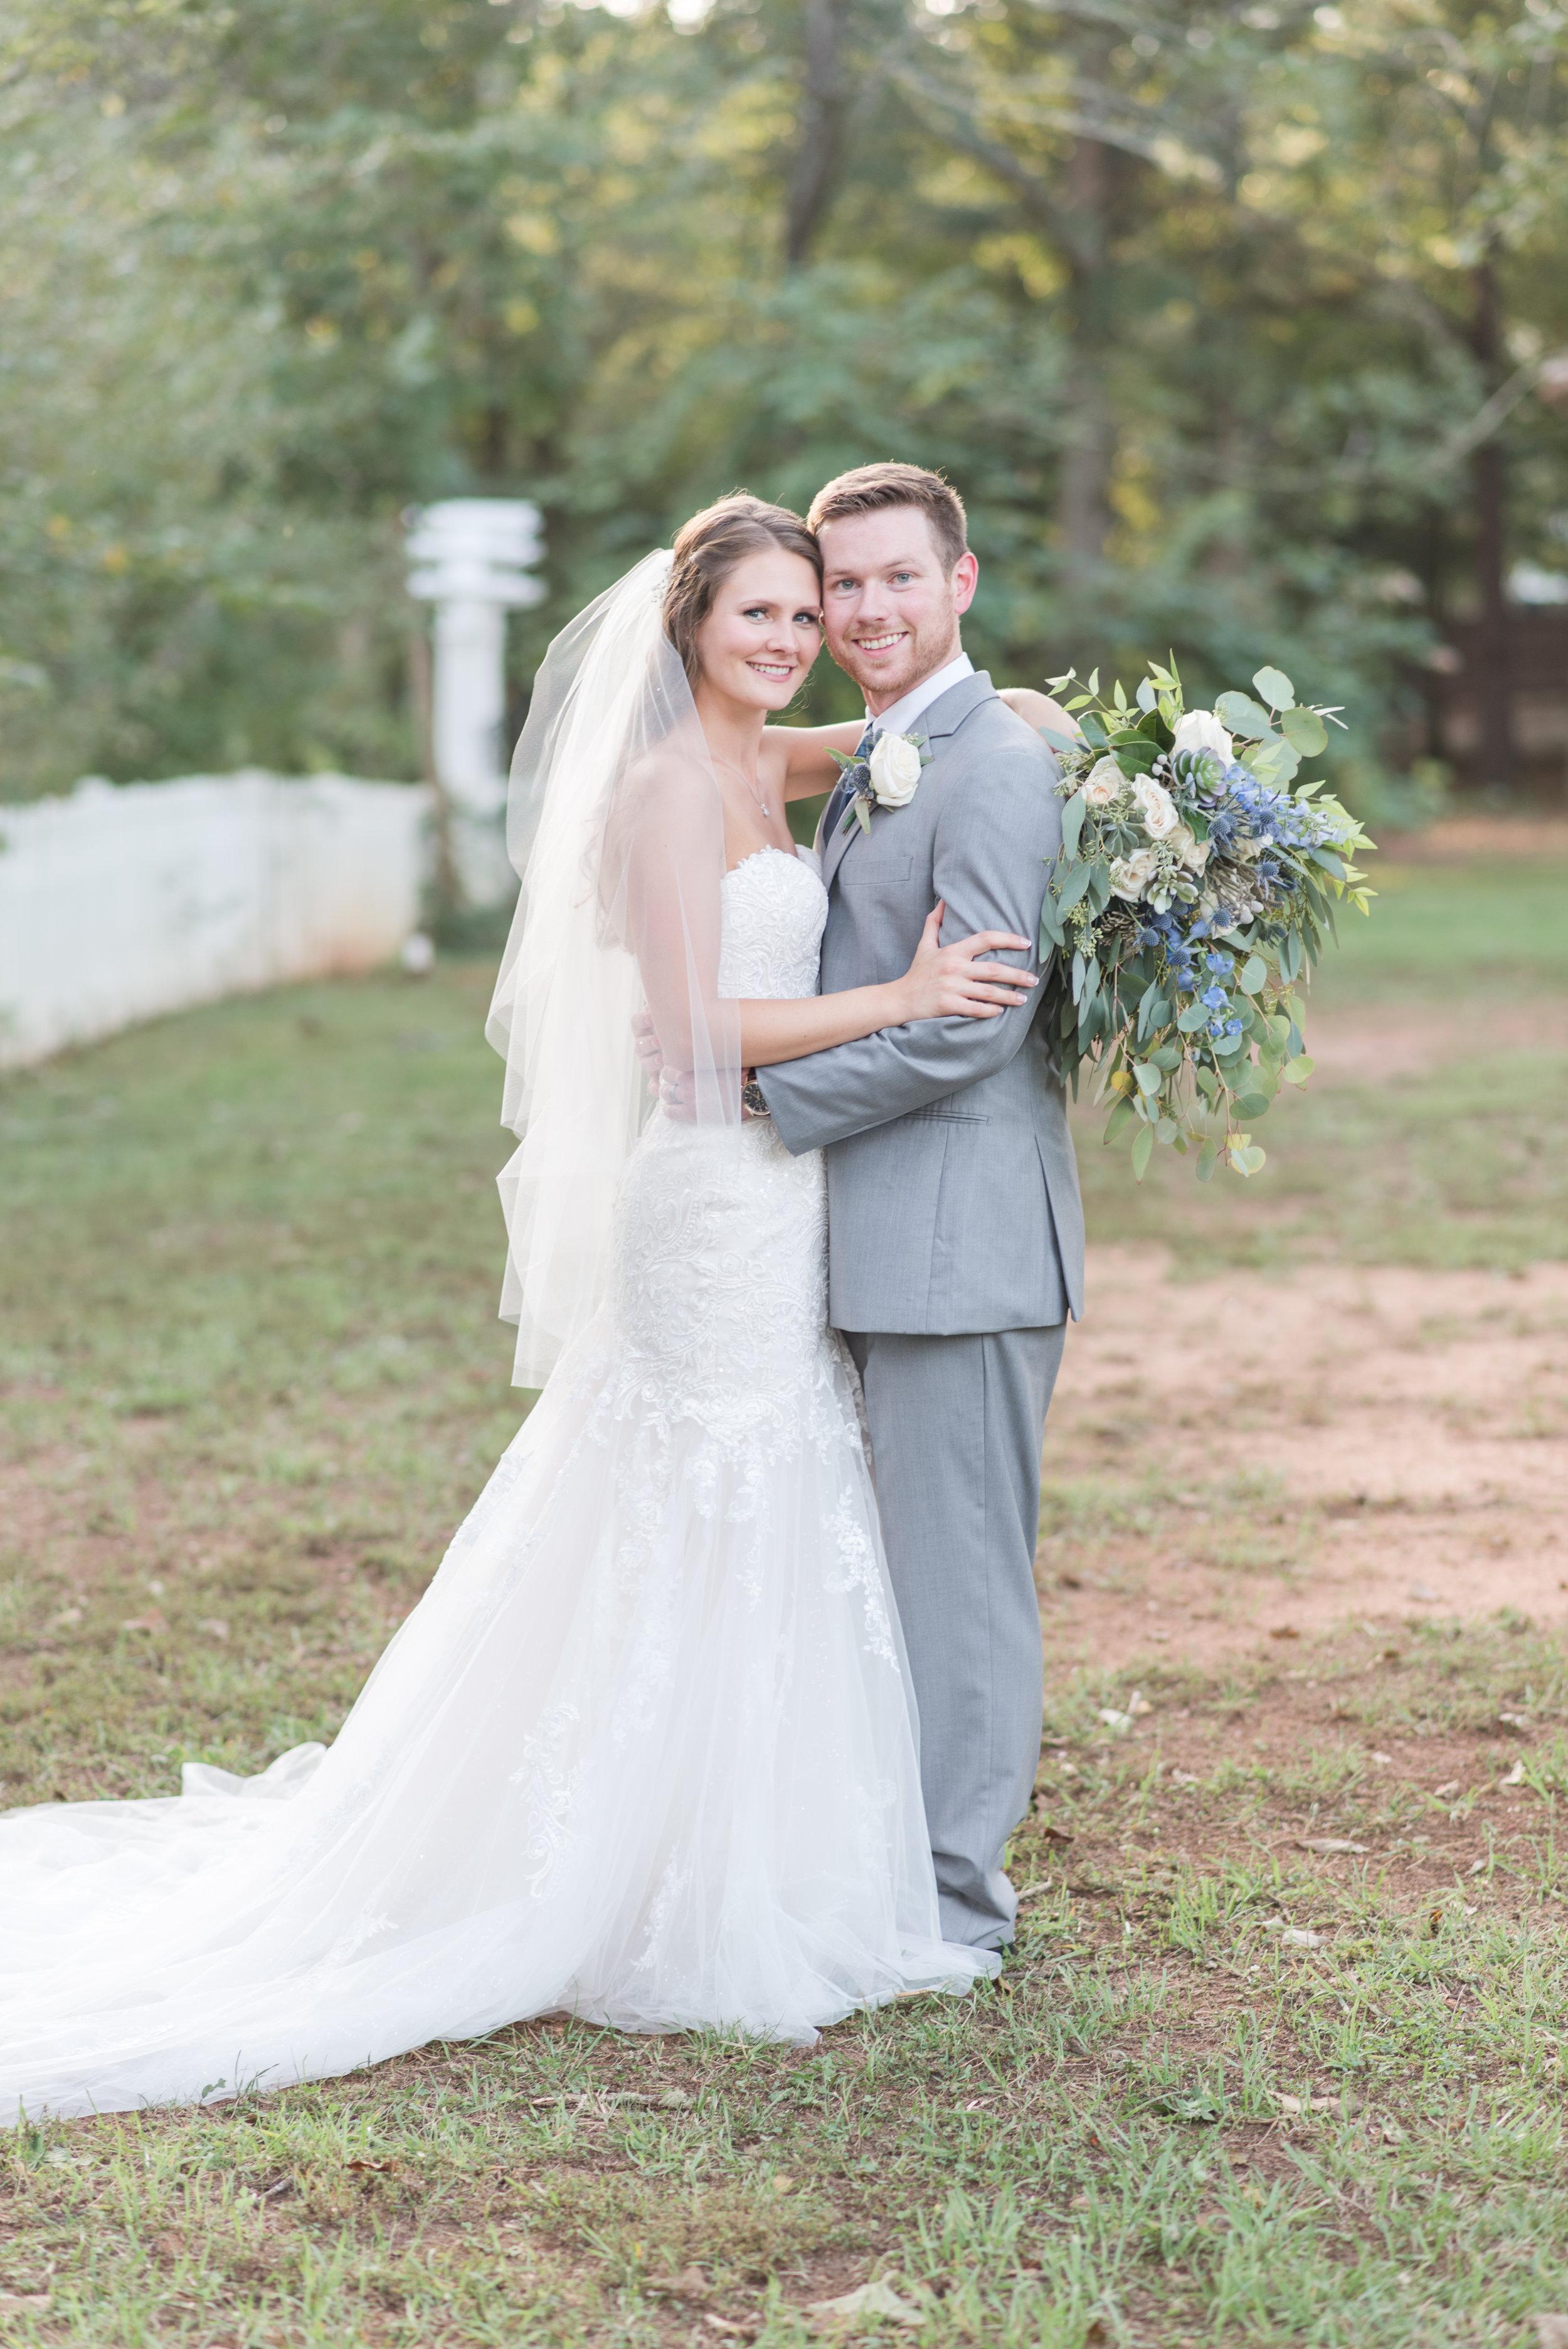 Haley and Chris Sneak Peek-4.jpg